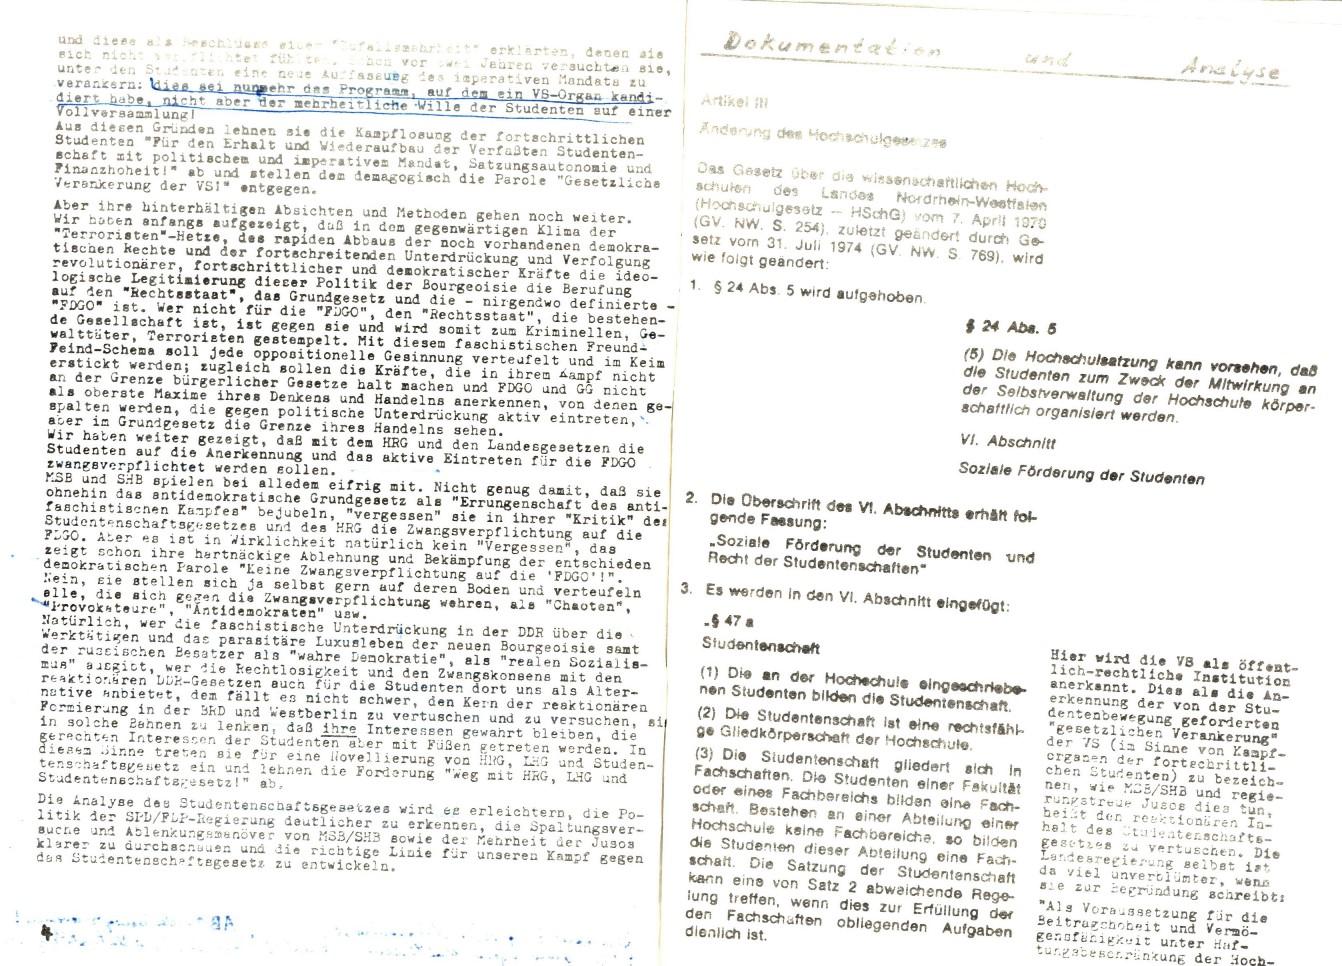 NRW_KSV_1977_Studentenschaftsgesetz_03